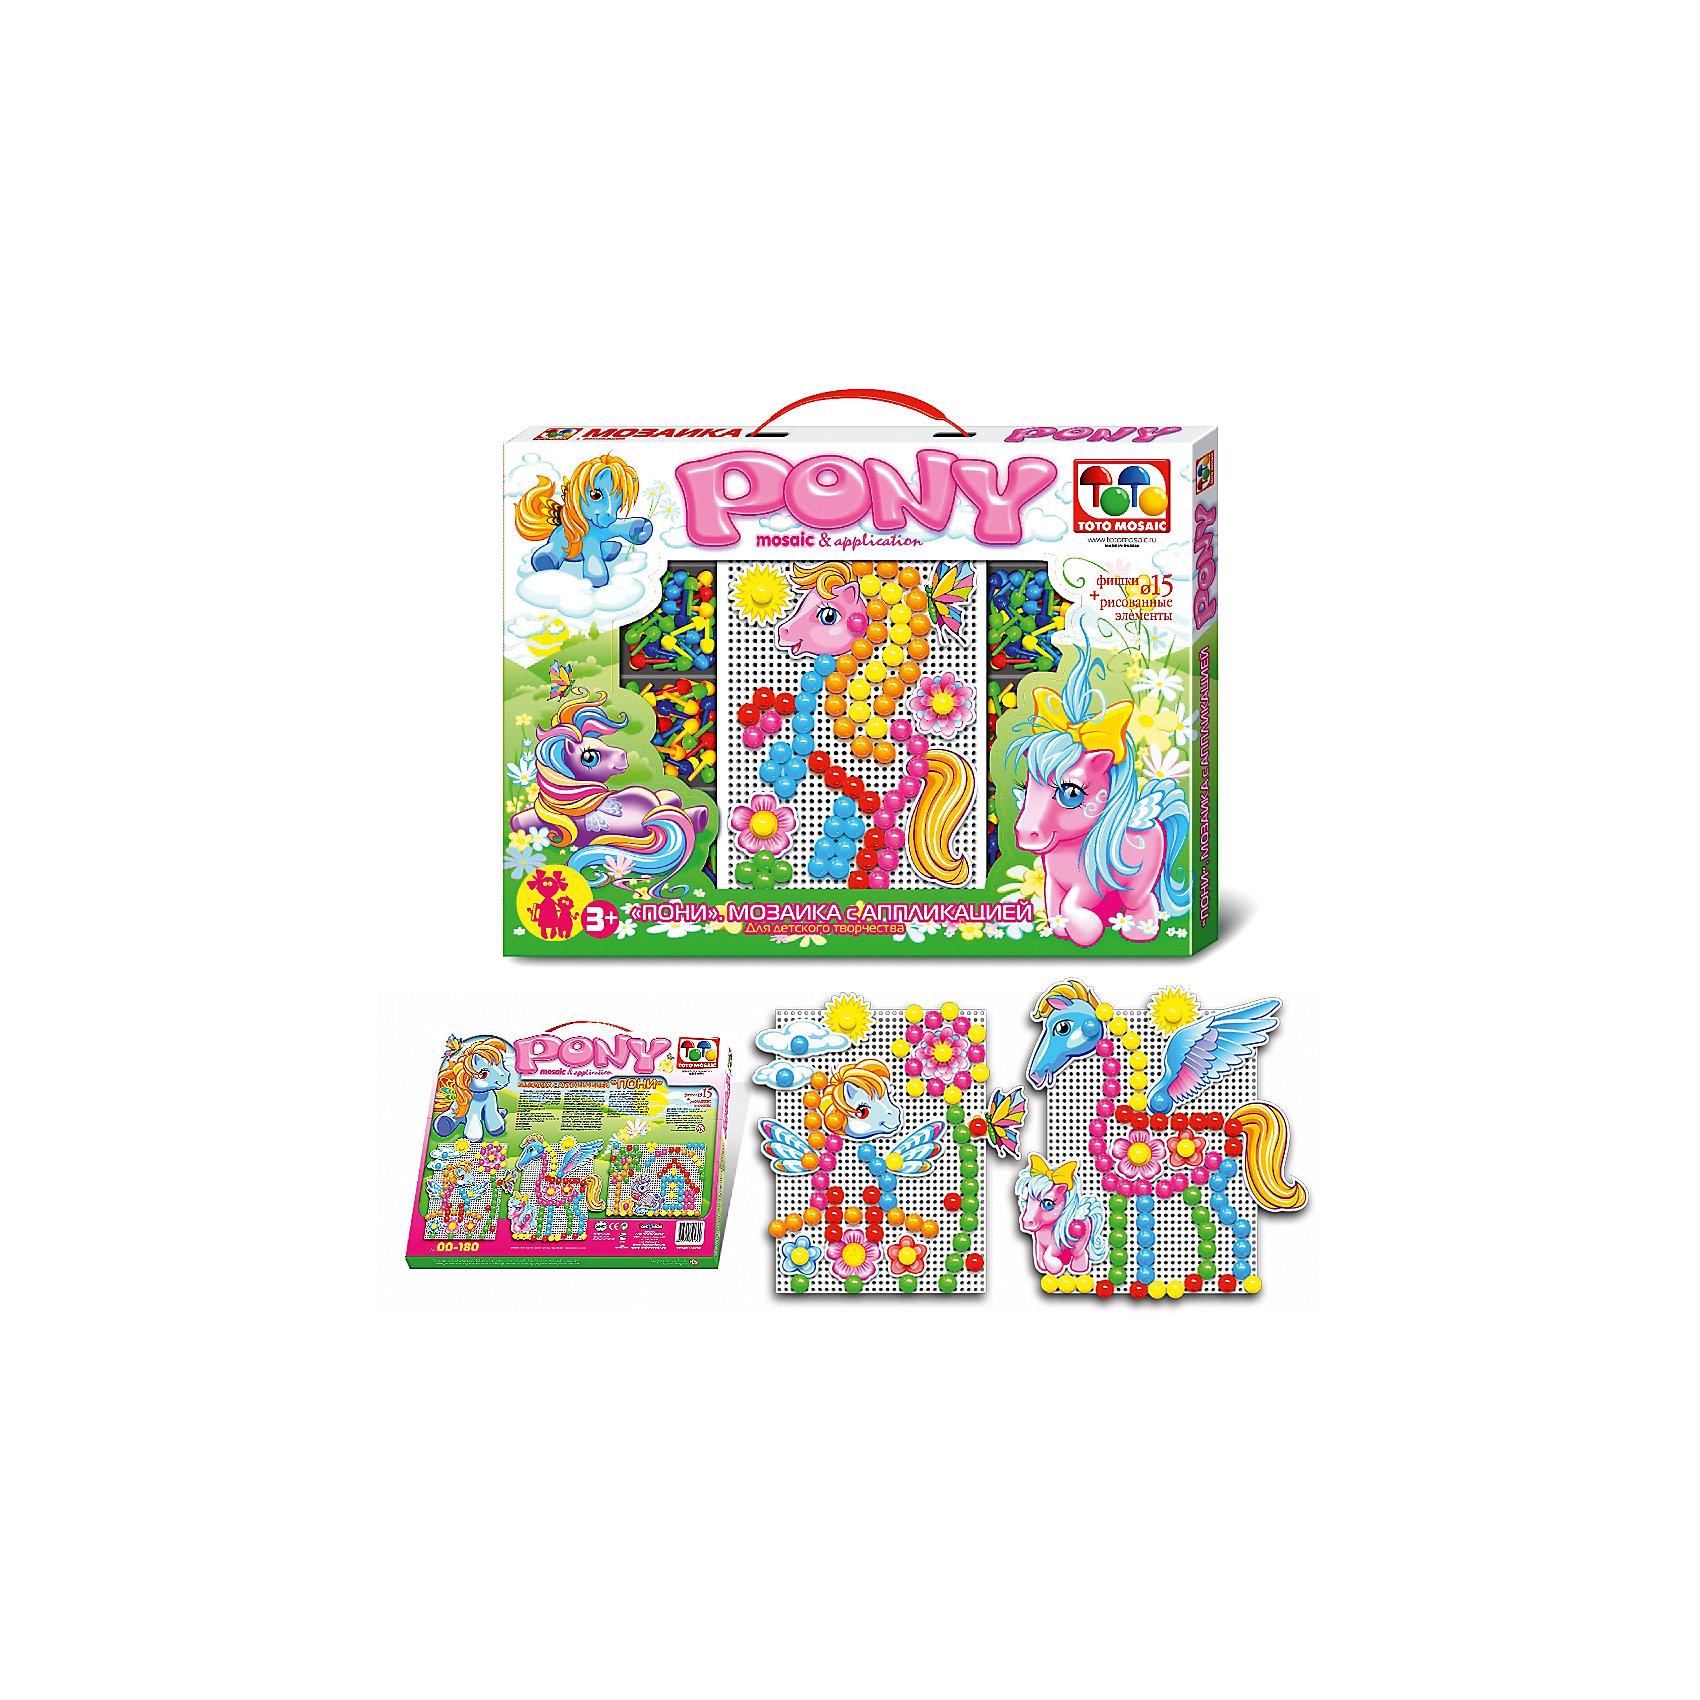 Toys Union Мозаика с аппликацией Пони, 90 деталей, д. 15 мм, Toys Union toys union мозаика с аппликацией пони 90 деталей д 15 мм toys union